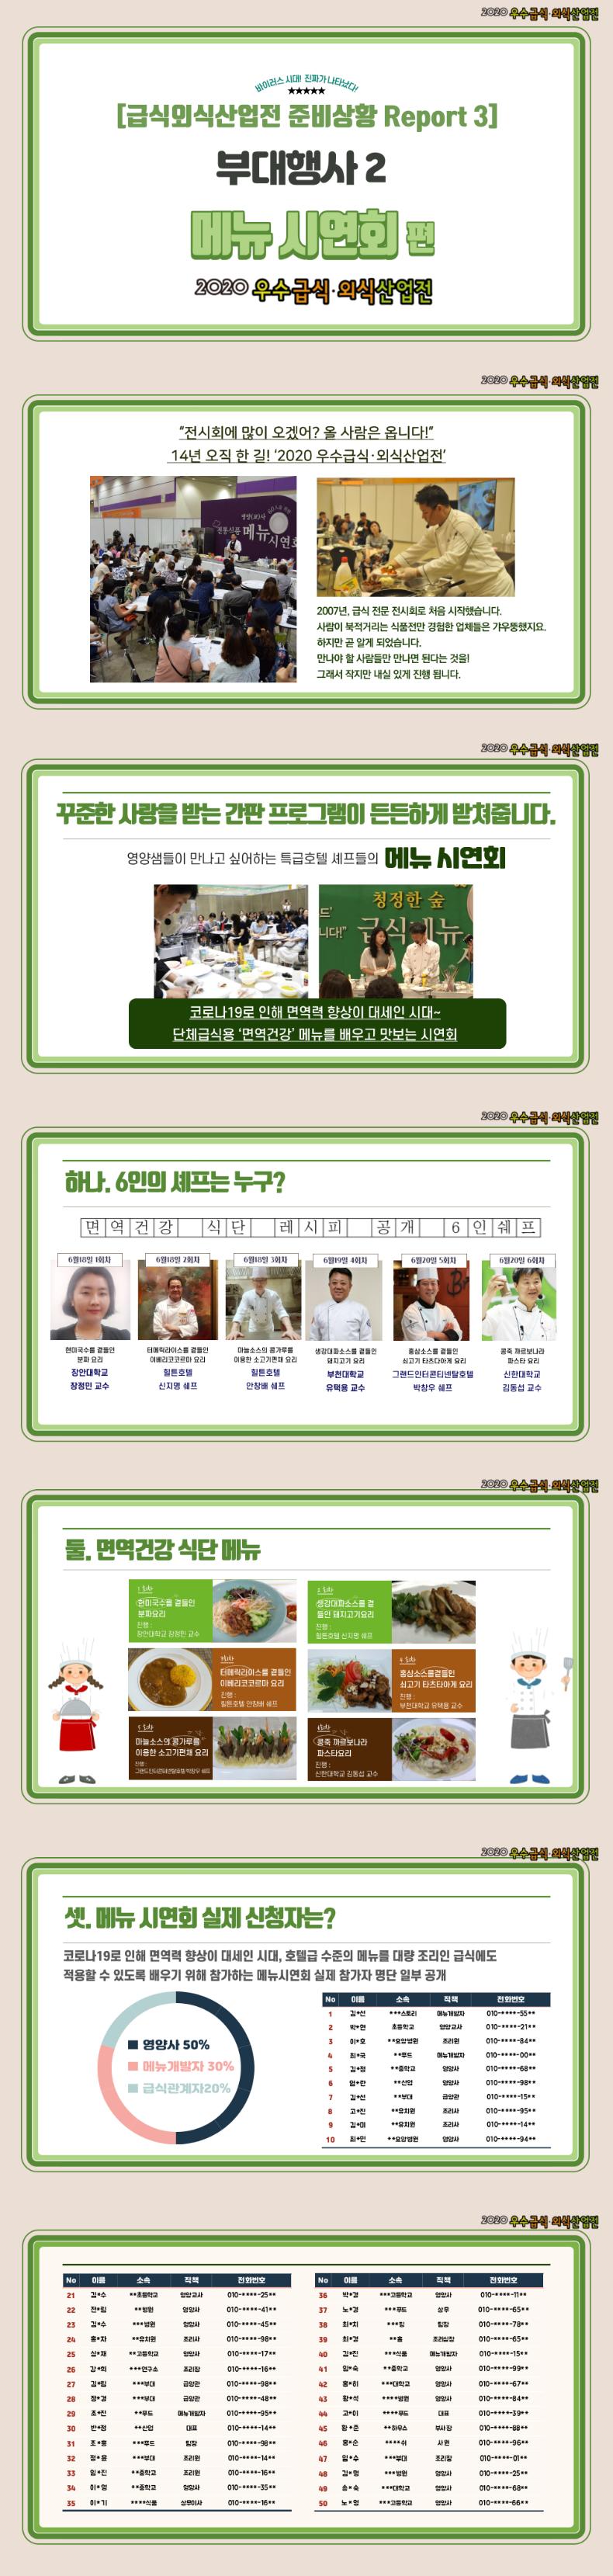 급식전-준비상황-리포트-3.png